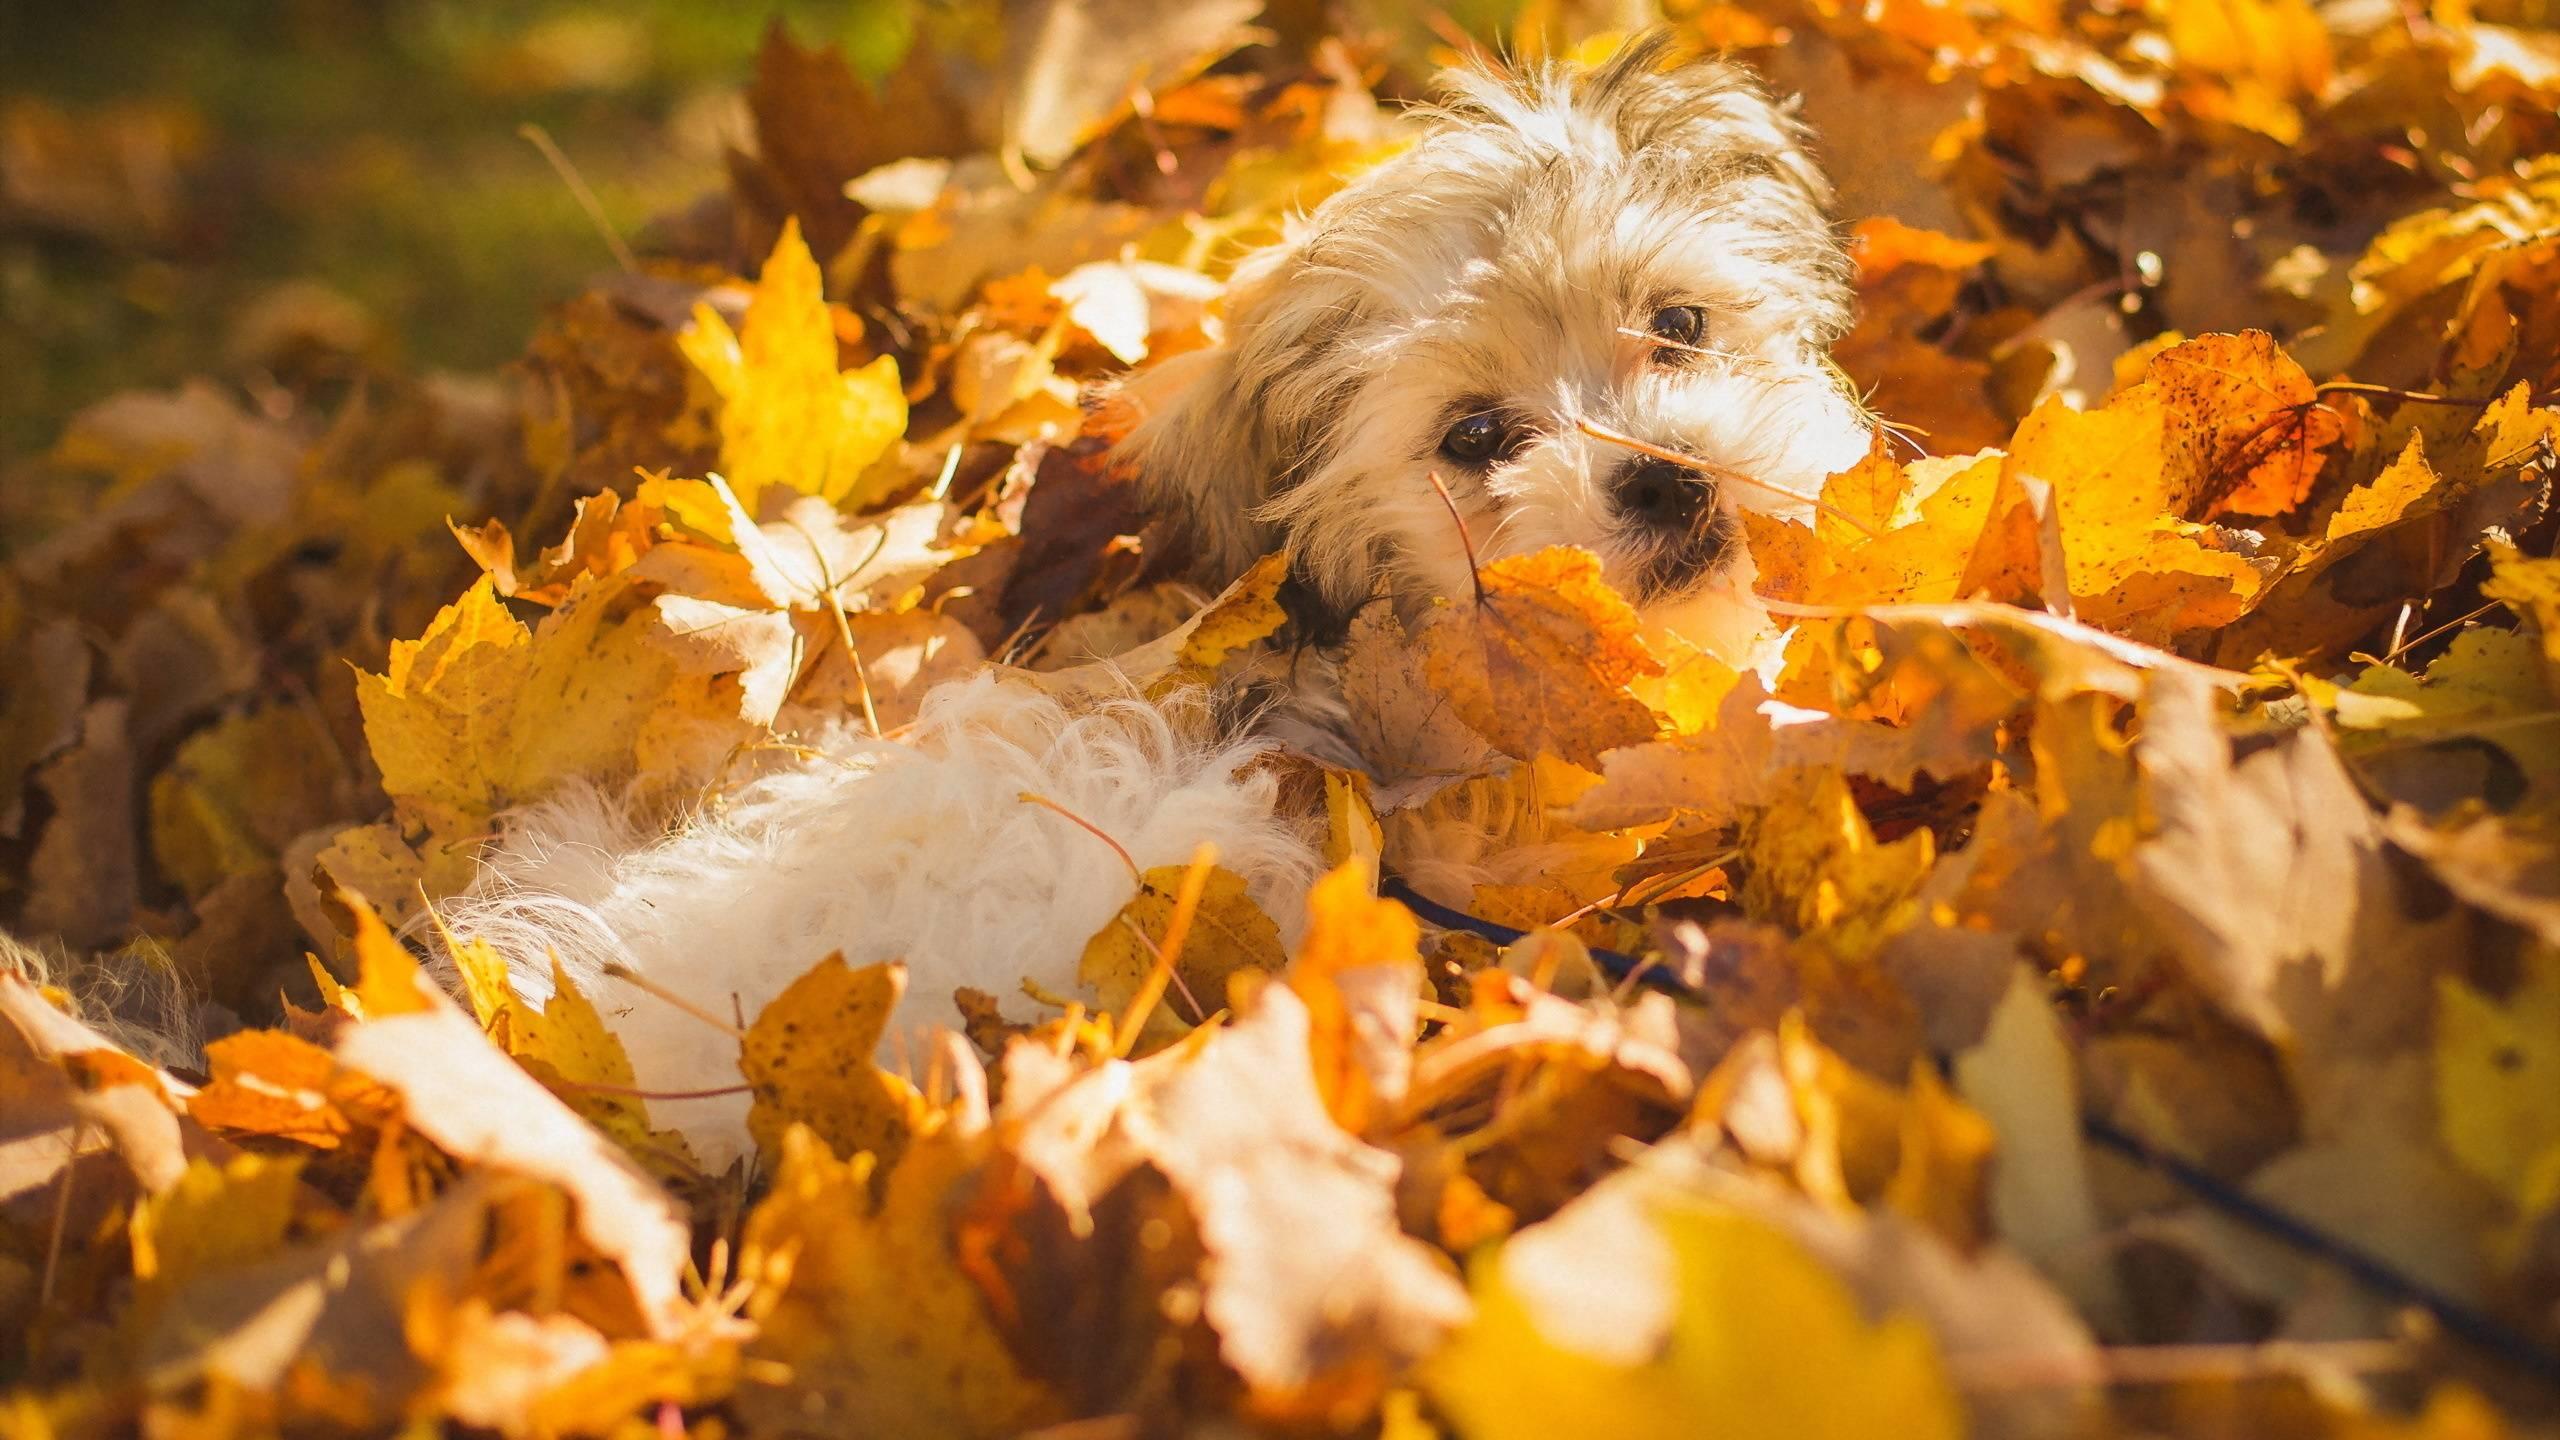 обои собака, листопад, кленовые листья, осень картинки фото